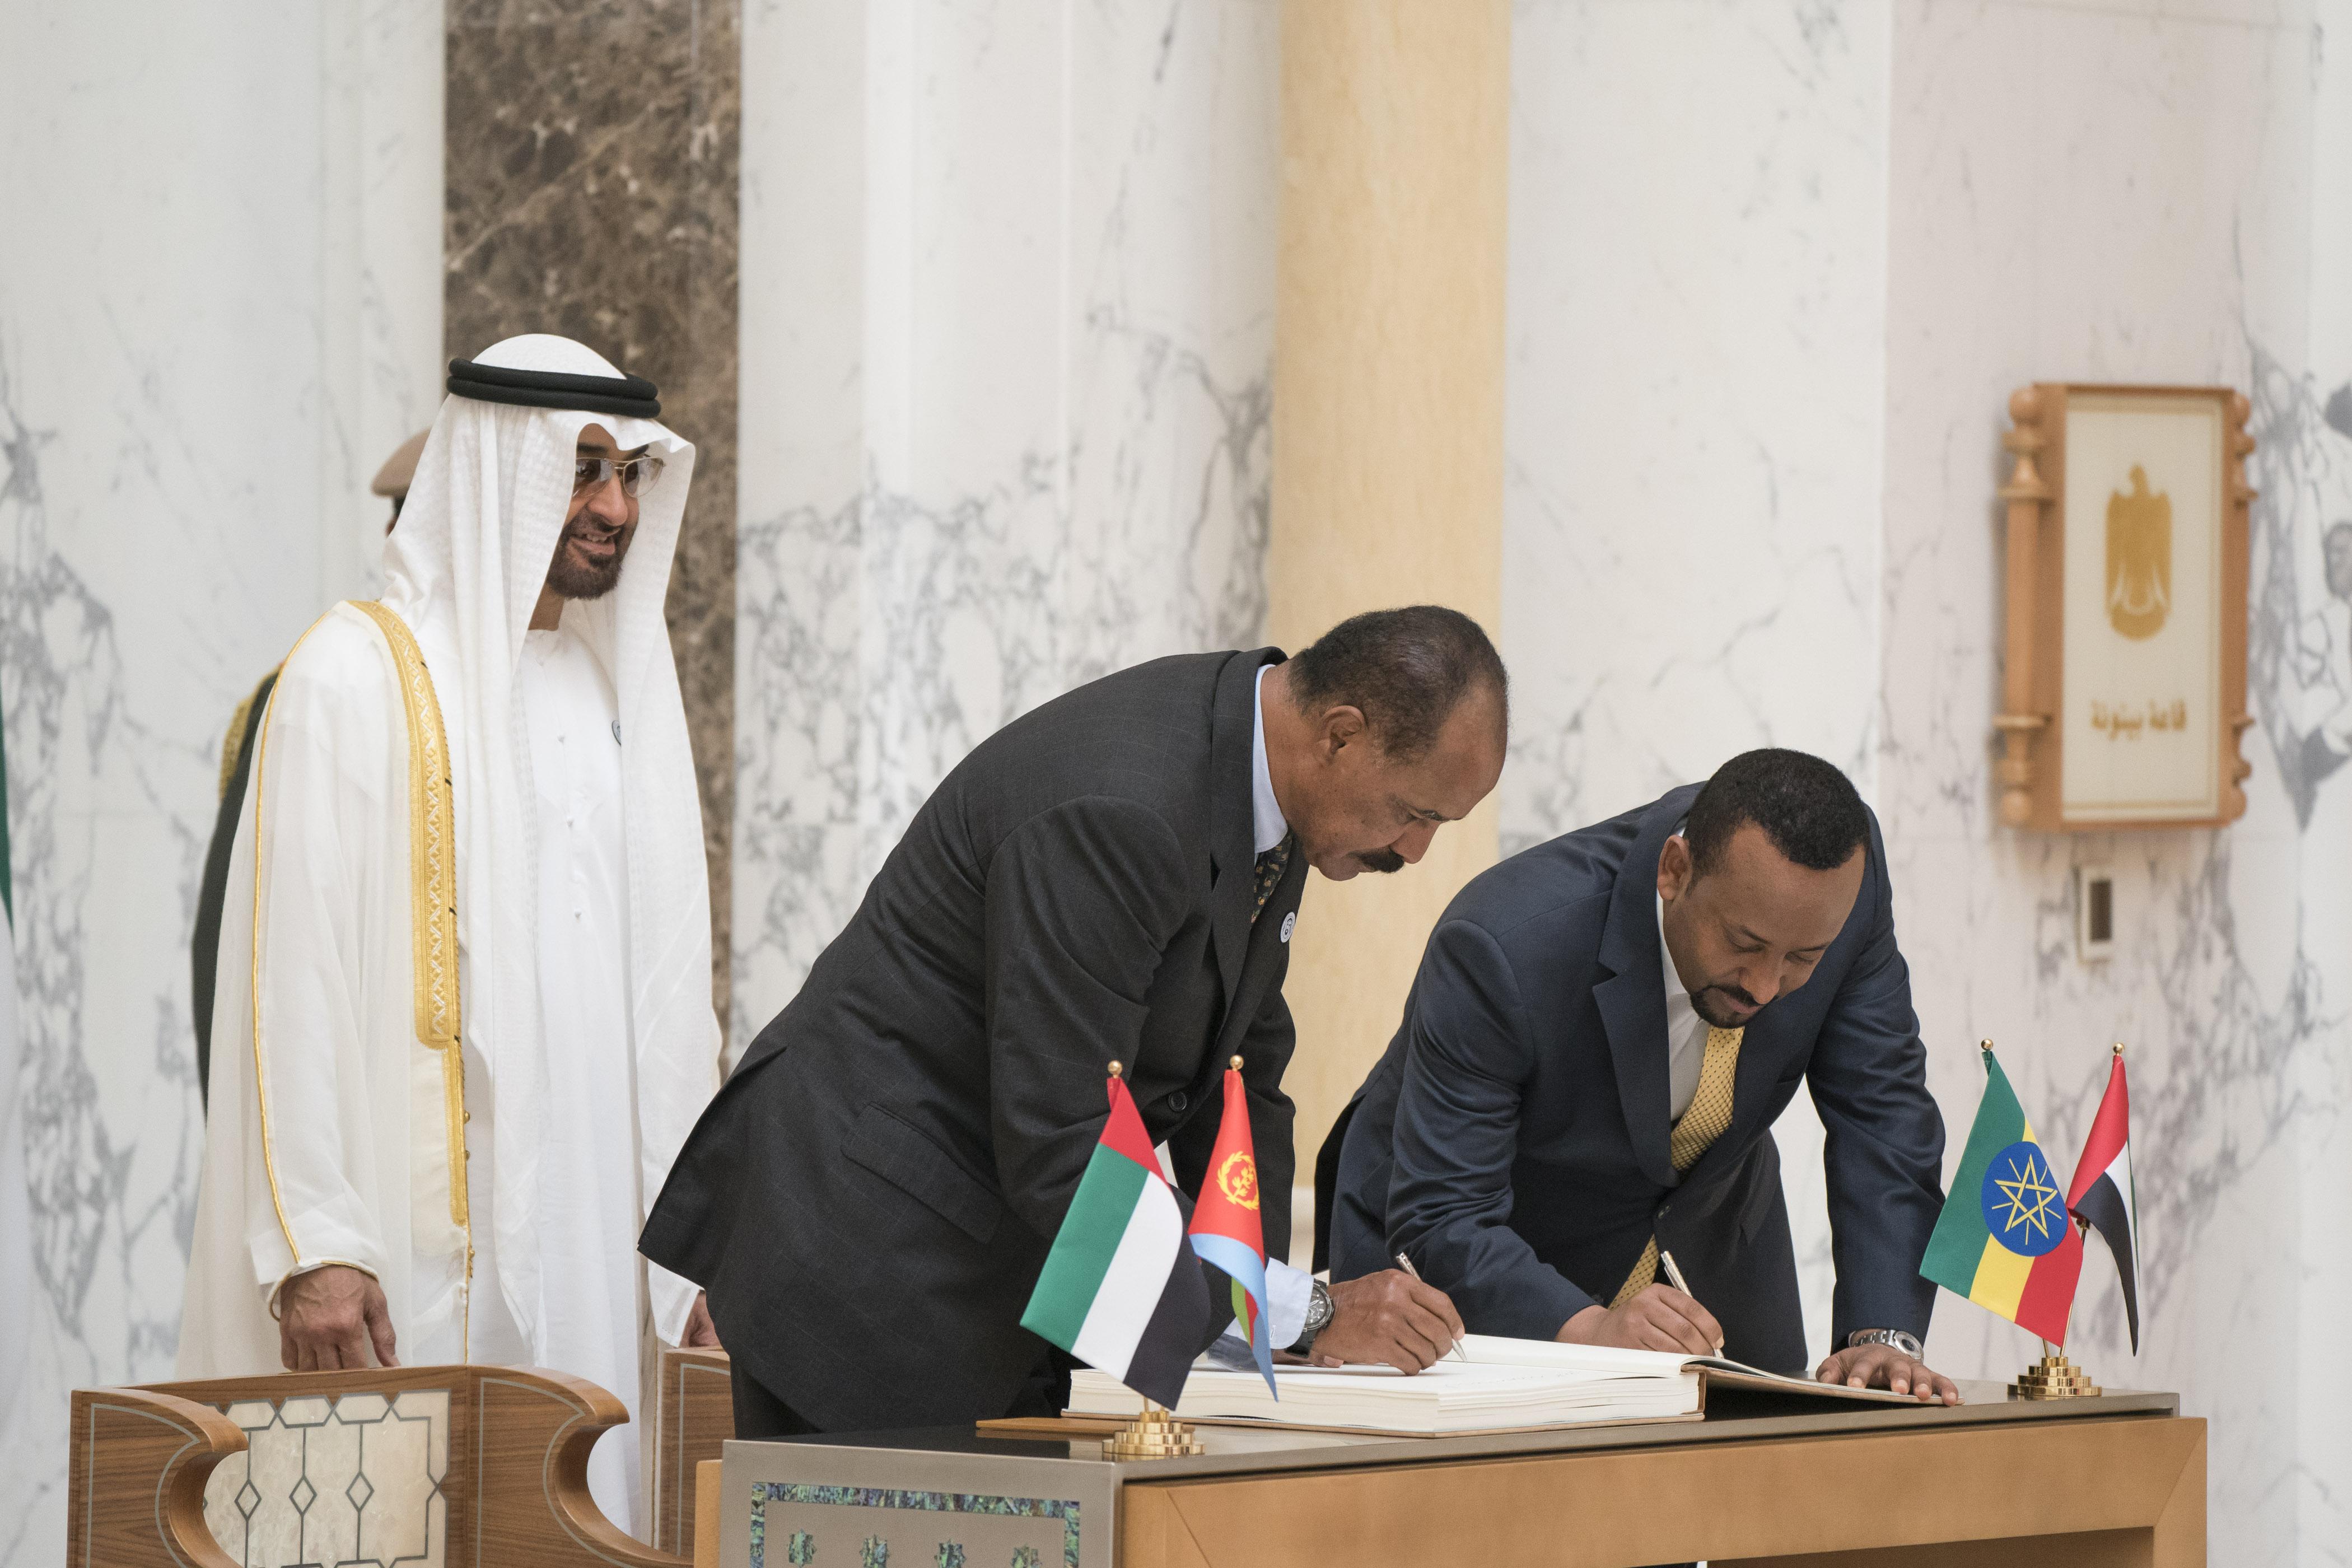 """رئيس الدولة يمنح رئيس إريتريا ورئيس وزراء أثيوبيا """" وسام زايد """" تقديراً لجهودهما في إطلاق مسيرة السلام بين بلديهما 2"""